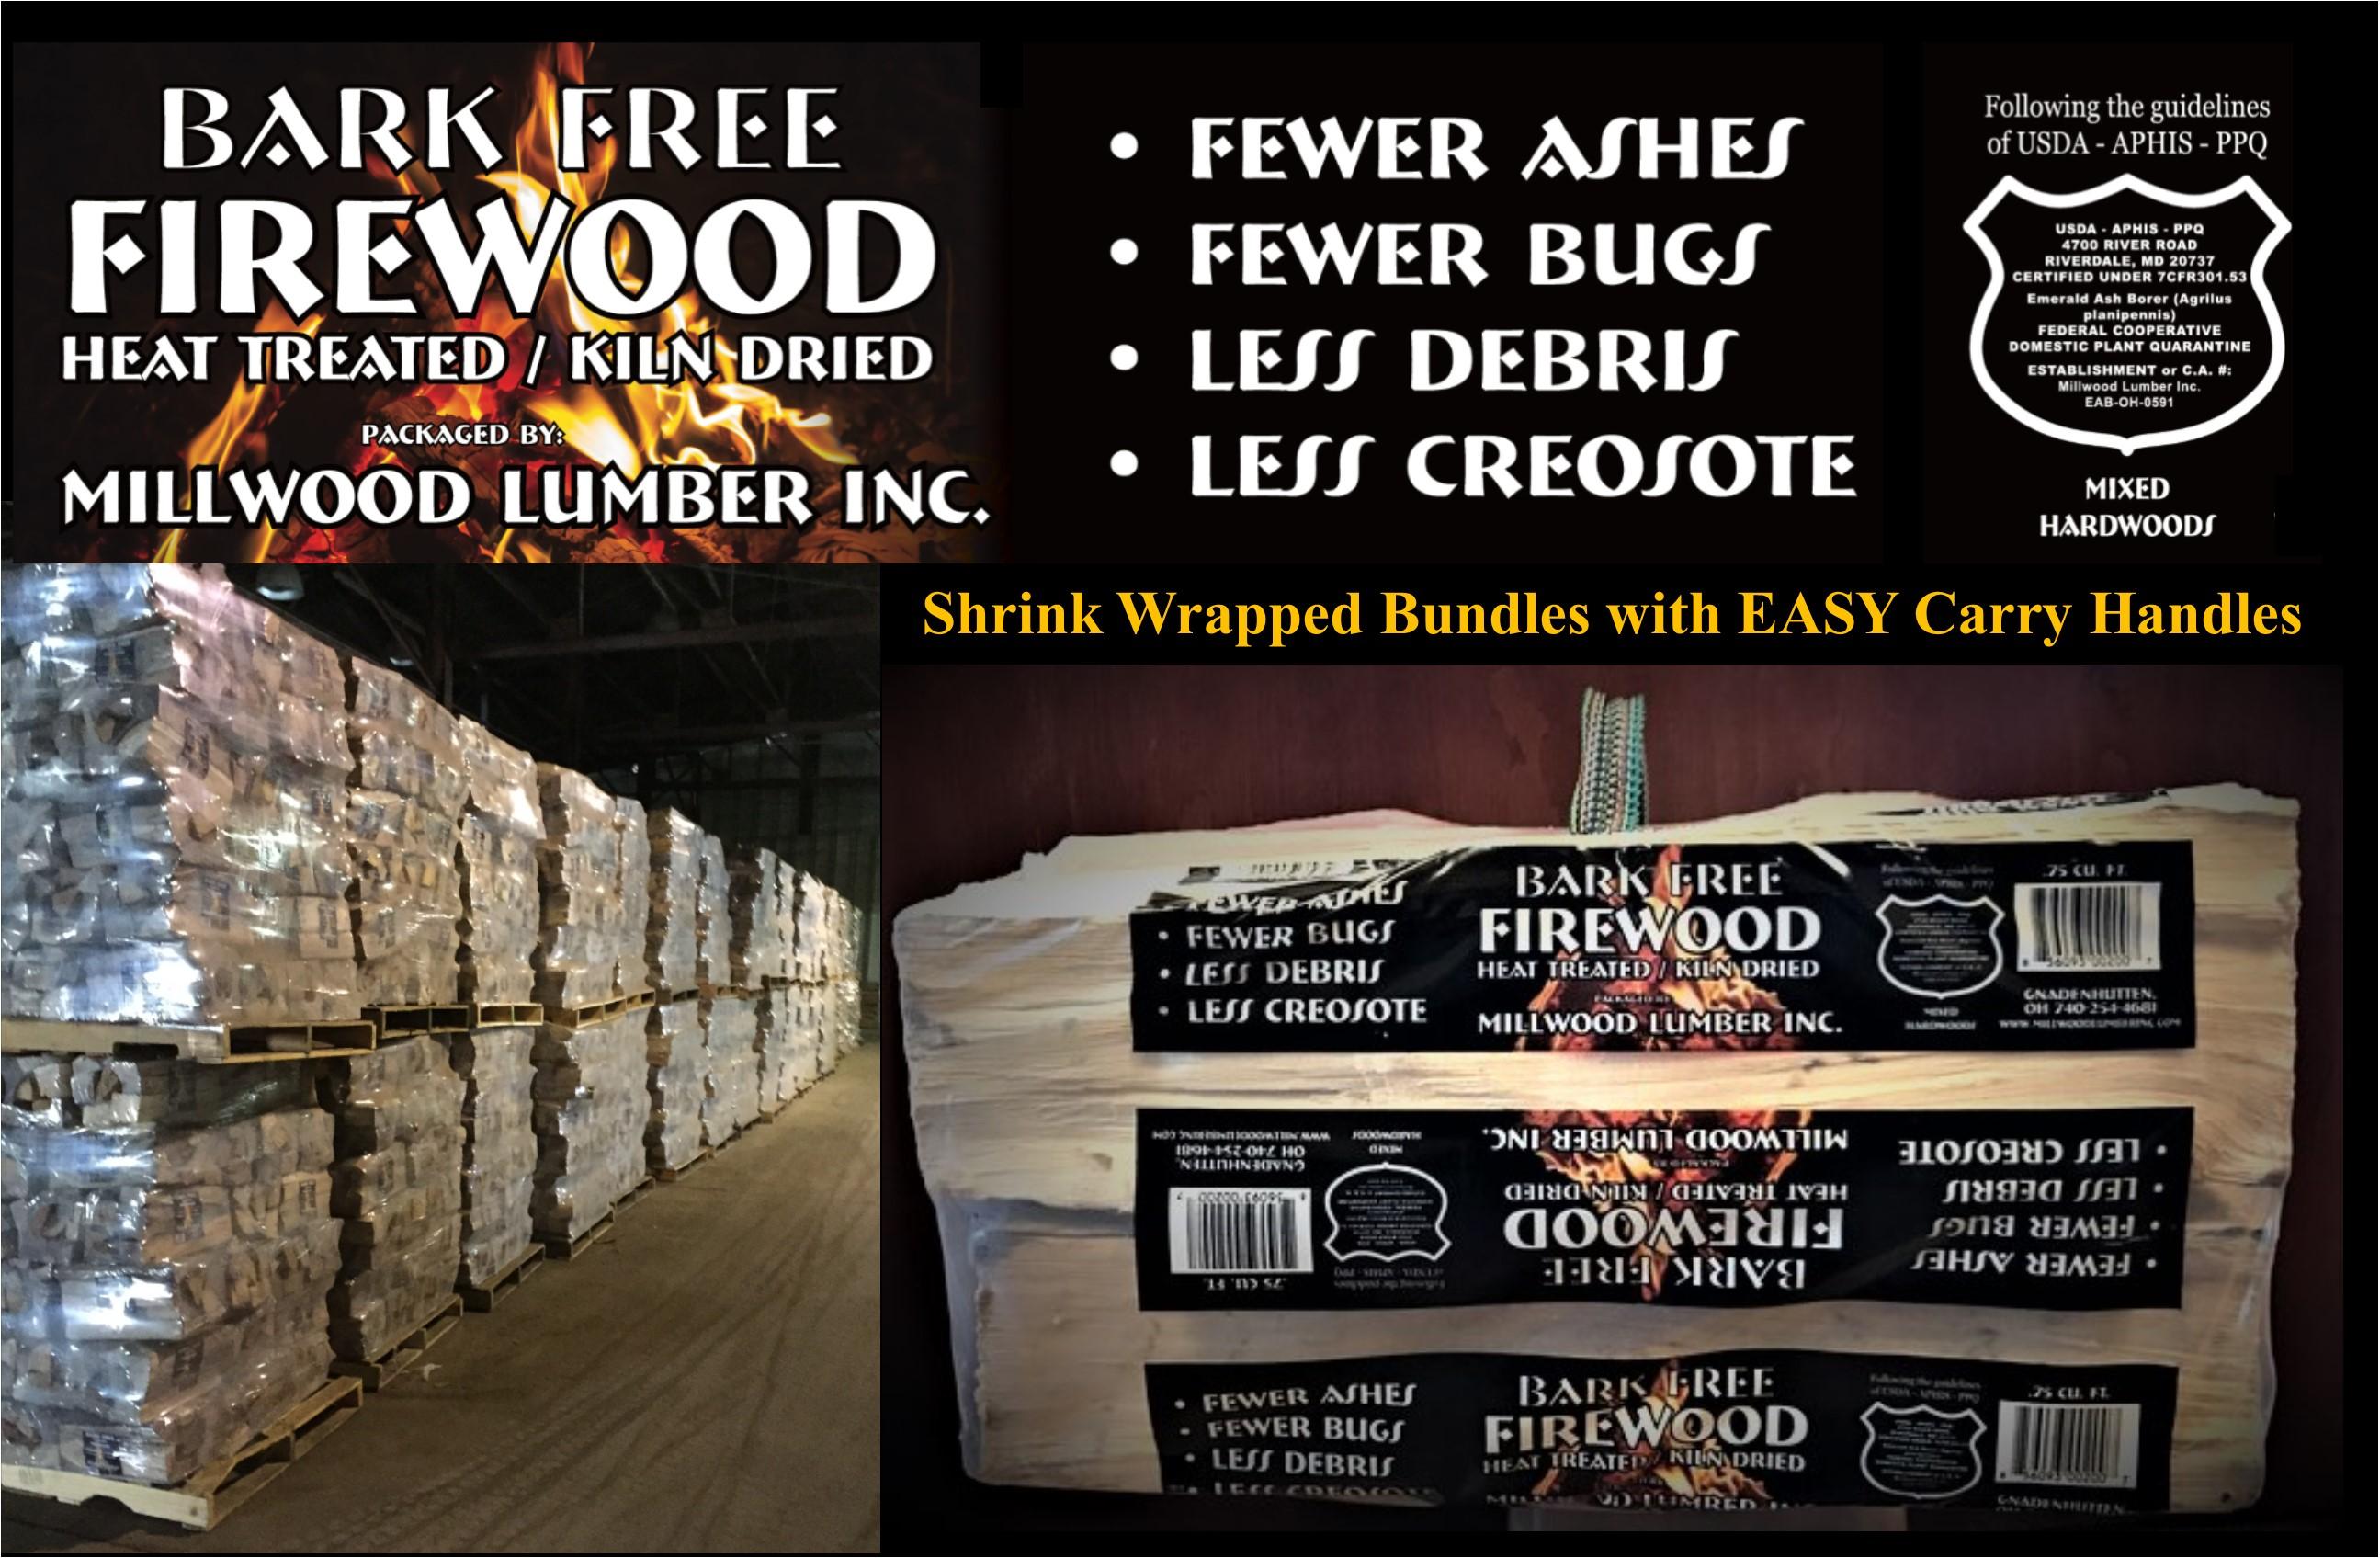 Firewood | Millwood Lumber Inc.